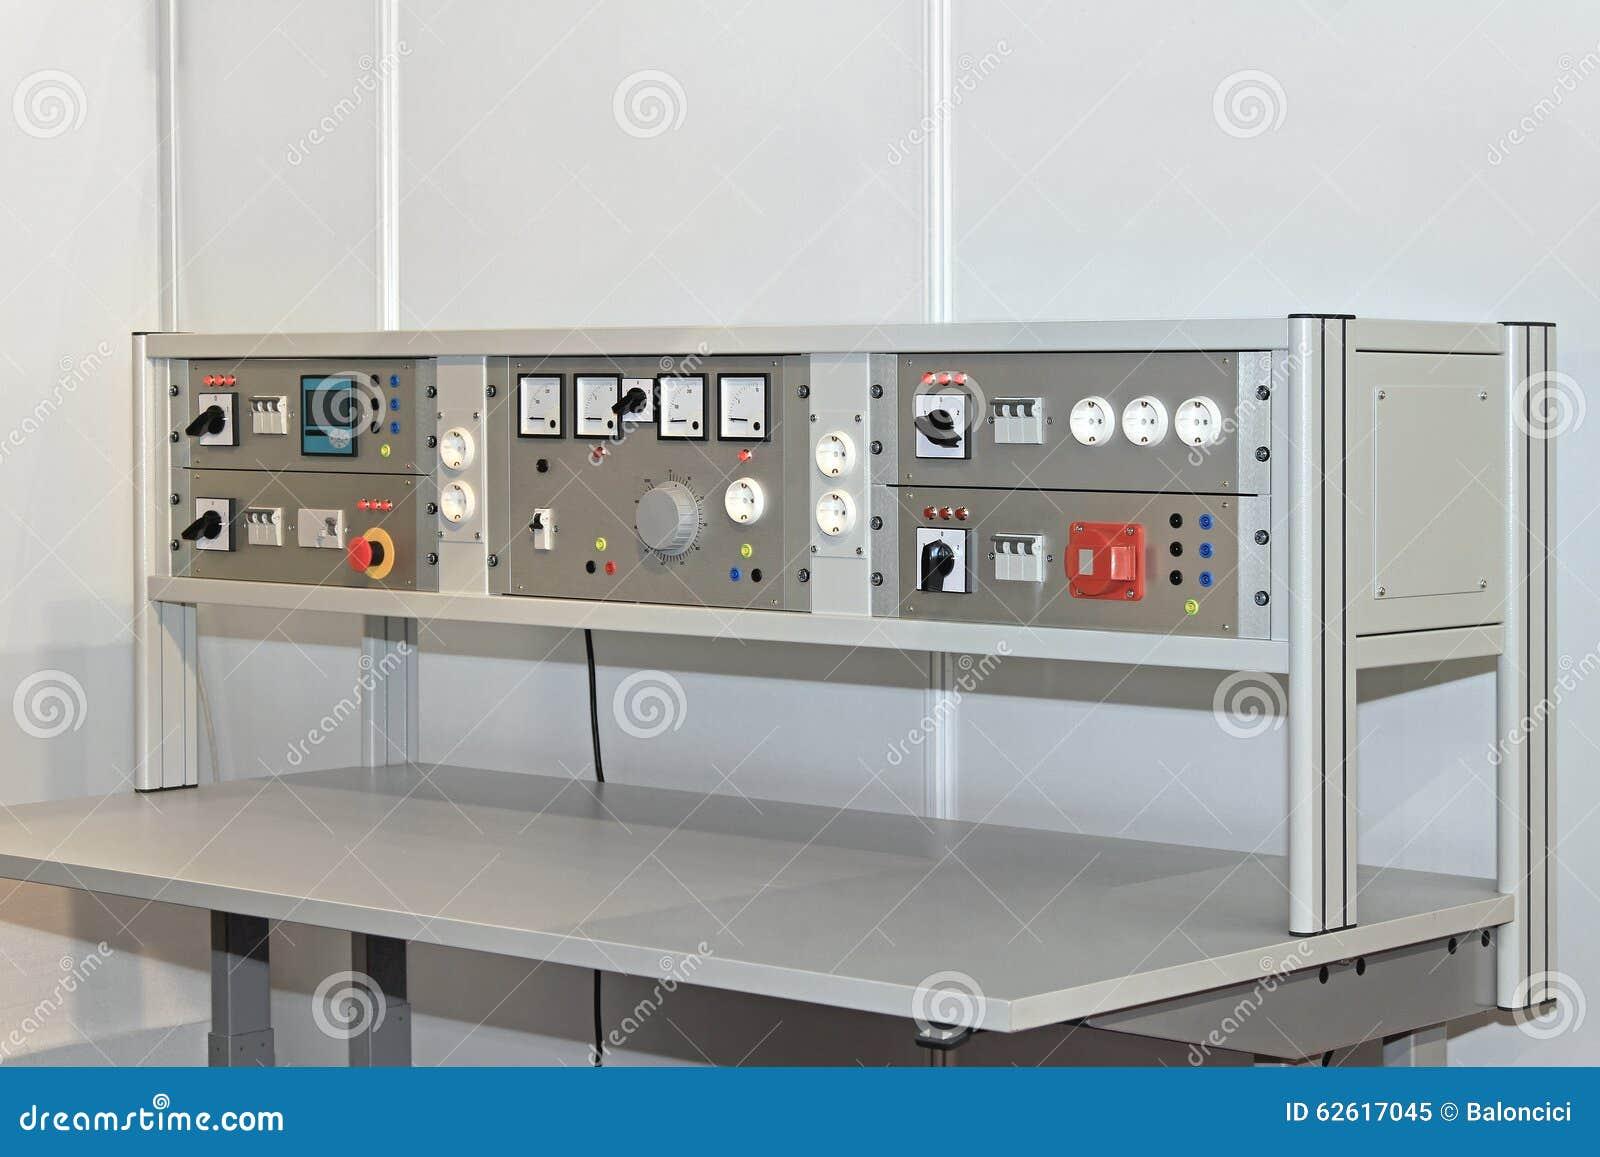 Banchi Da Lavoro Per Elettronica : Banco da lavoro elettronico immagine stock immagine di tabella